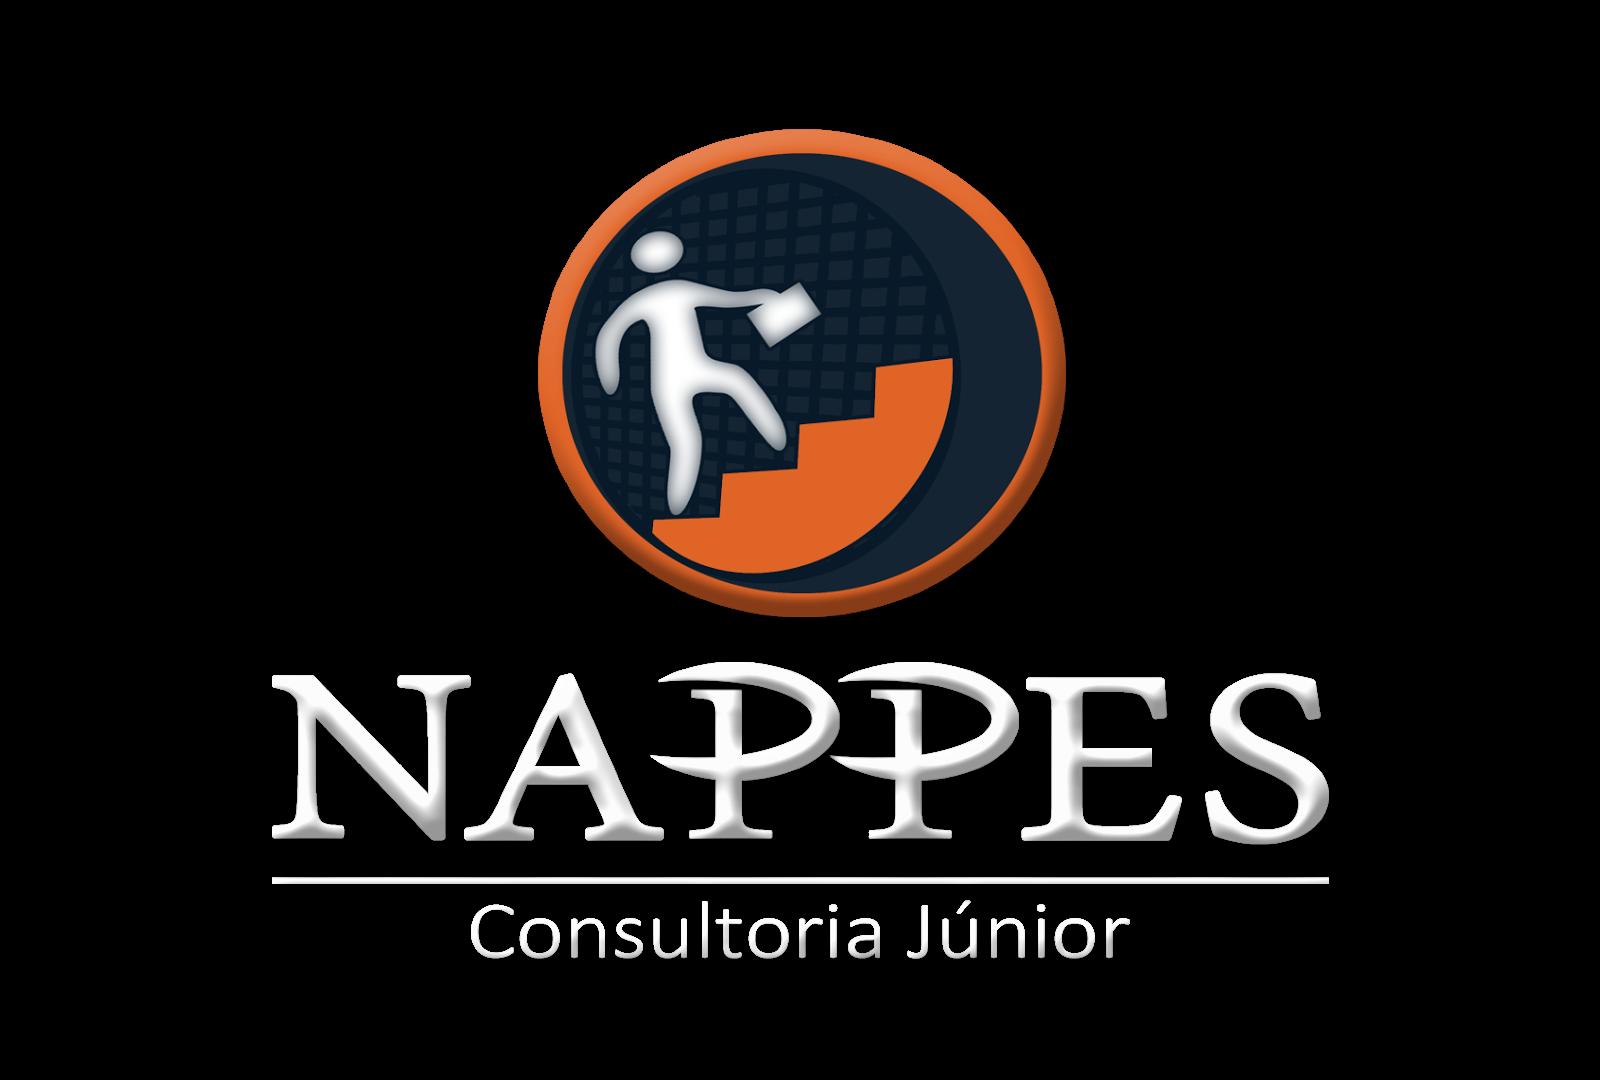 NAPPES Consultoria Júnior